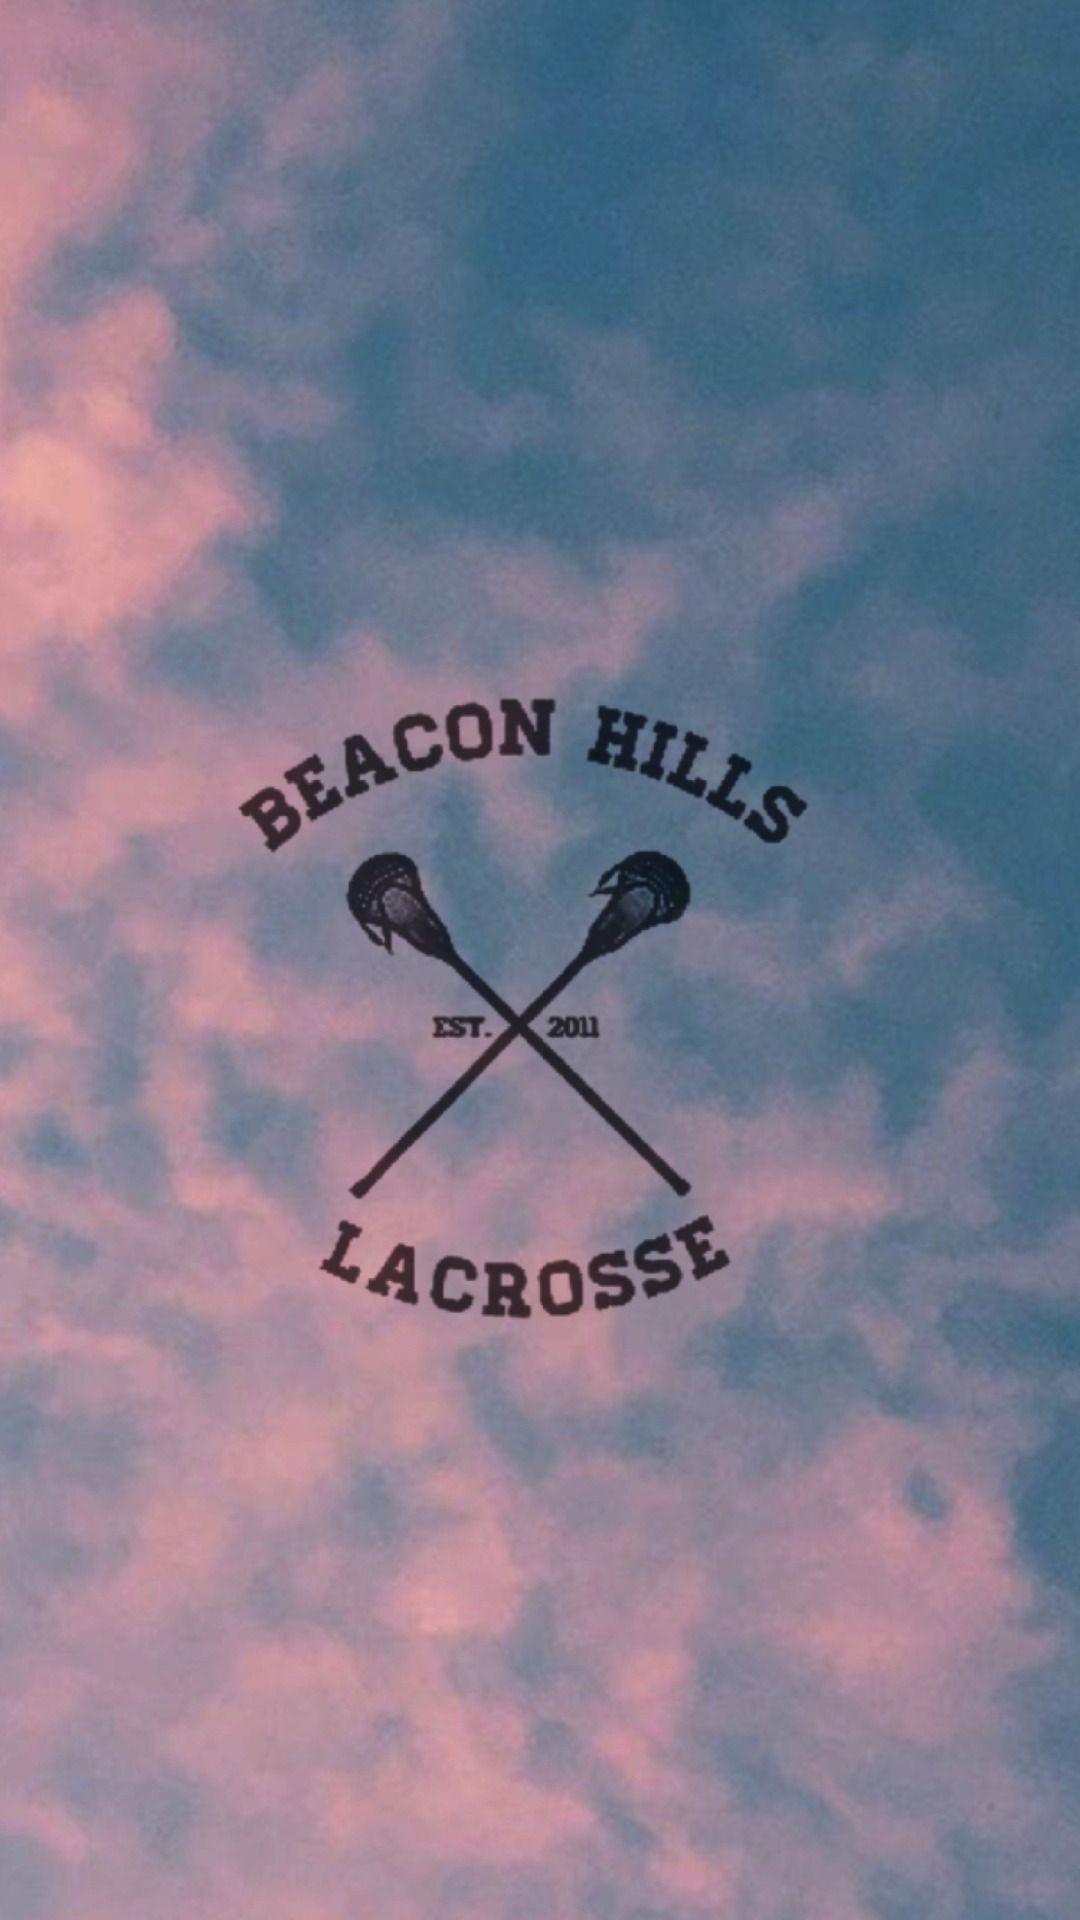 #beaconhill #teenwolf #lacrosse @oxmariieee